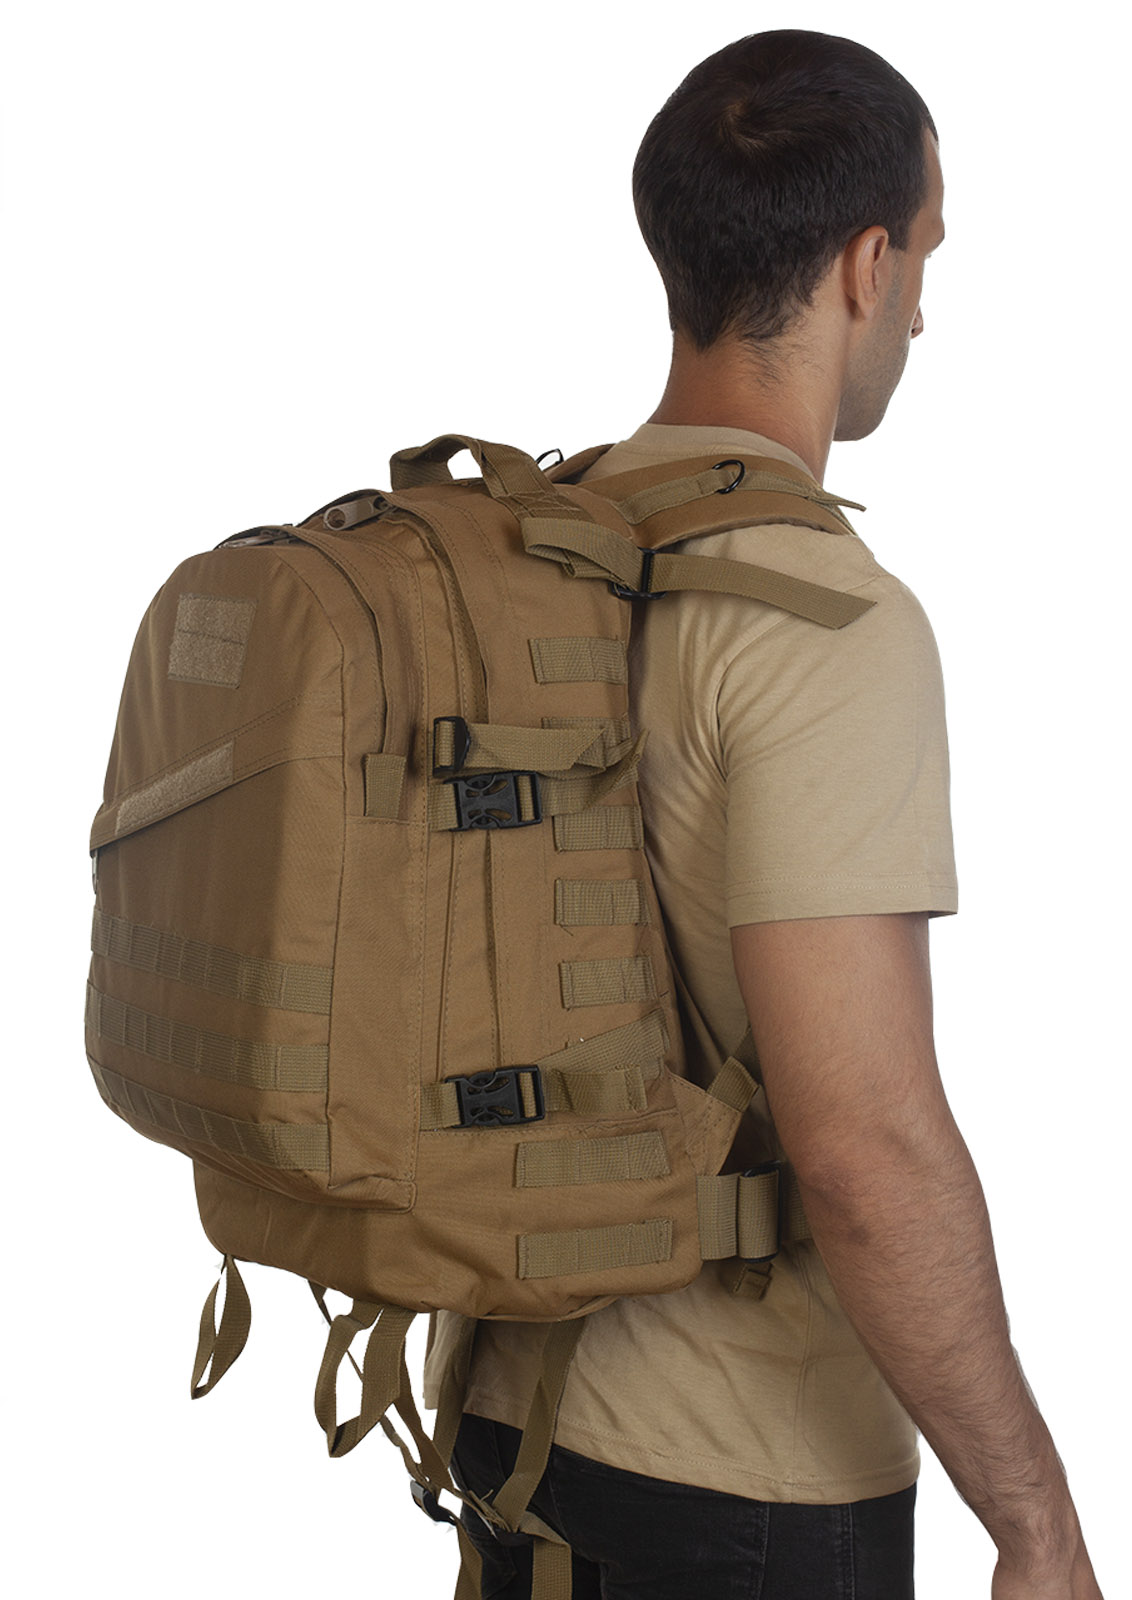 Мужской удобный рюкзак для путешествий - оптом и в розницу